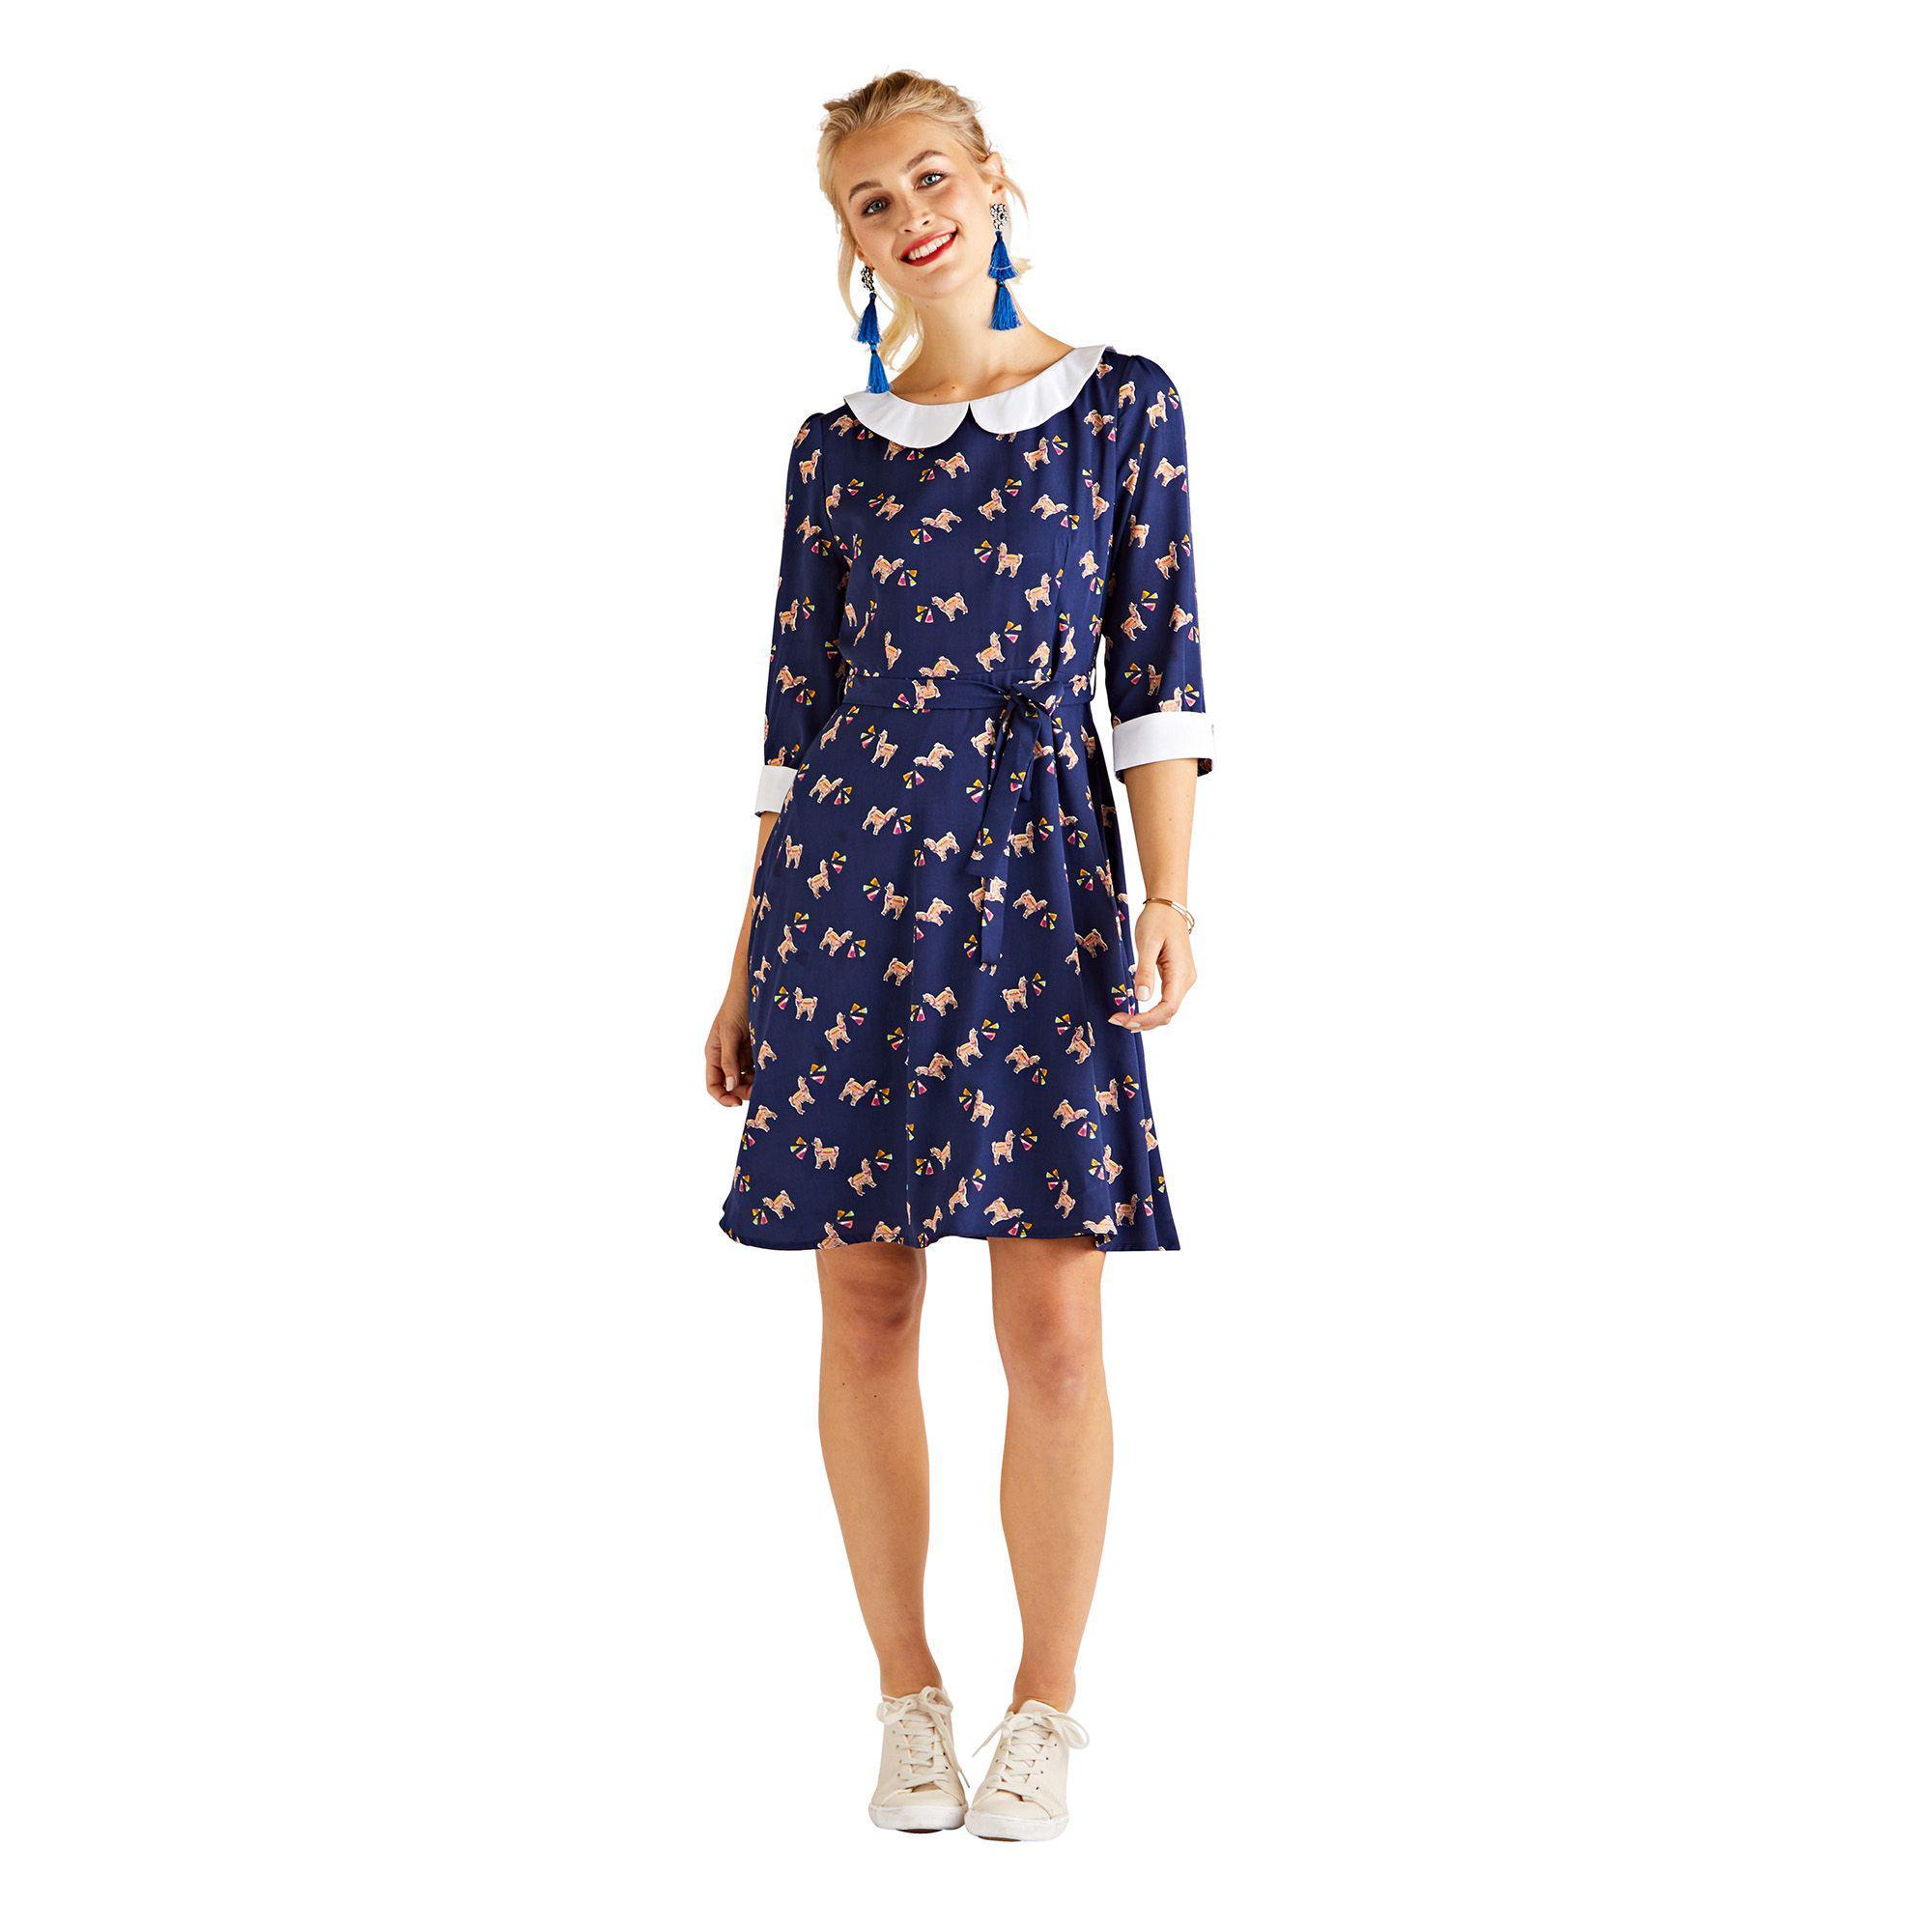 92d69f240a0df Yumi' Navy Llama Print 'elitha' Skater Dress in Blue - Lyst